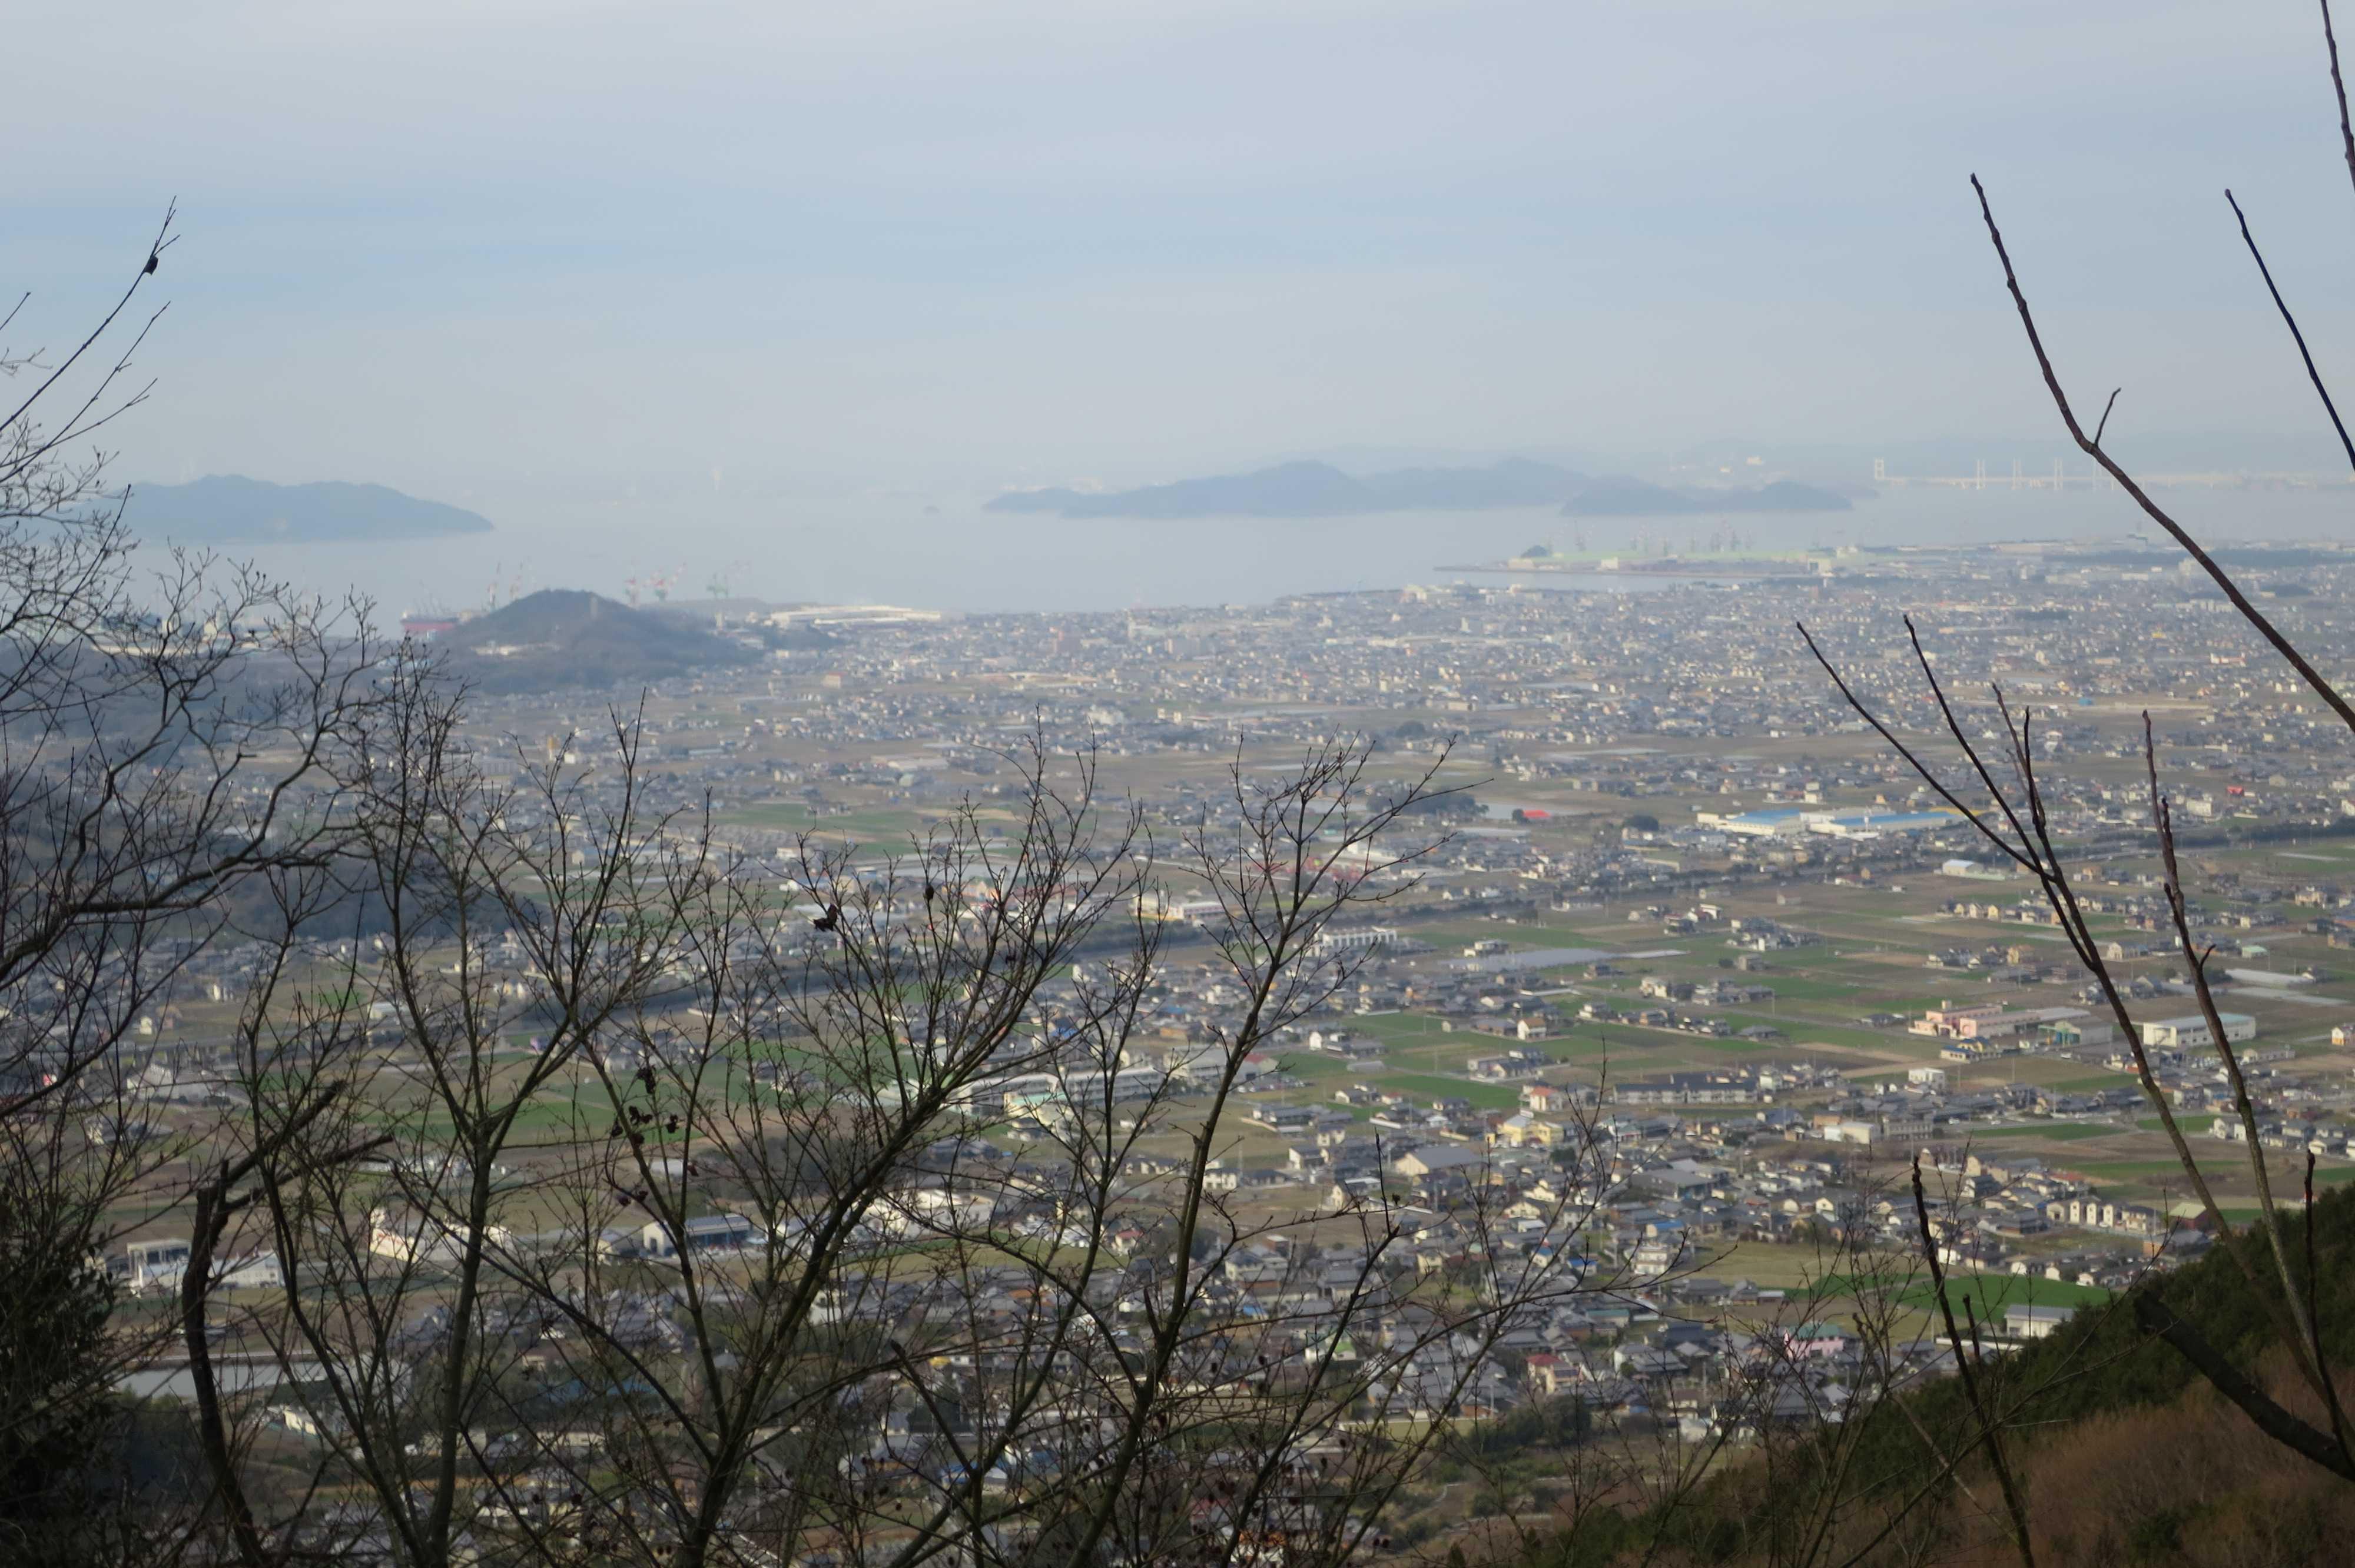 瀬戸内海の島々と讃岐平野